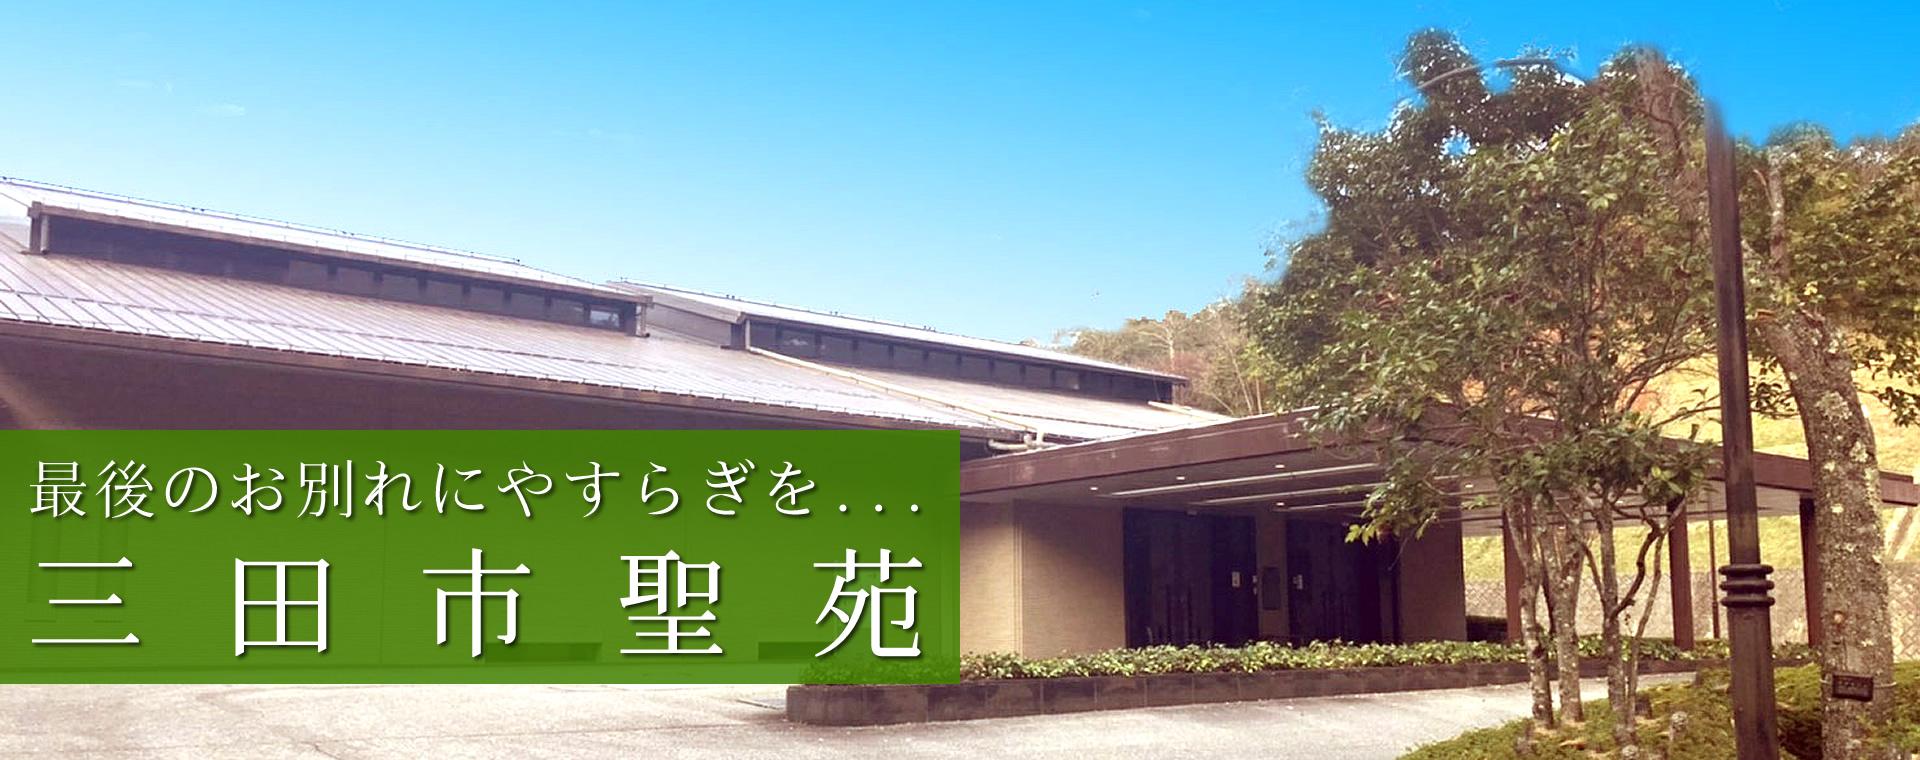 三田市聖苑/兵庫県三田市/公営の火葬場/愛玩動物(ペット・犬、猫、小鳥など)の火葬